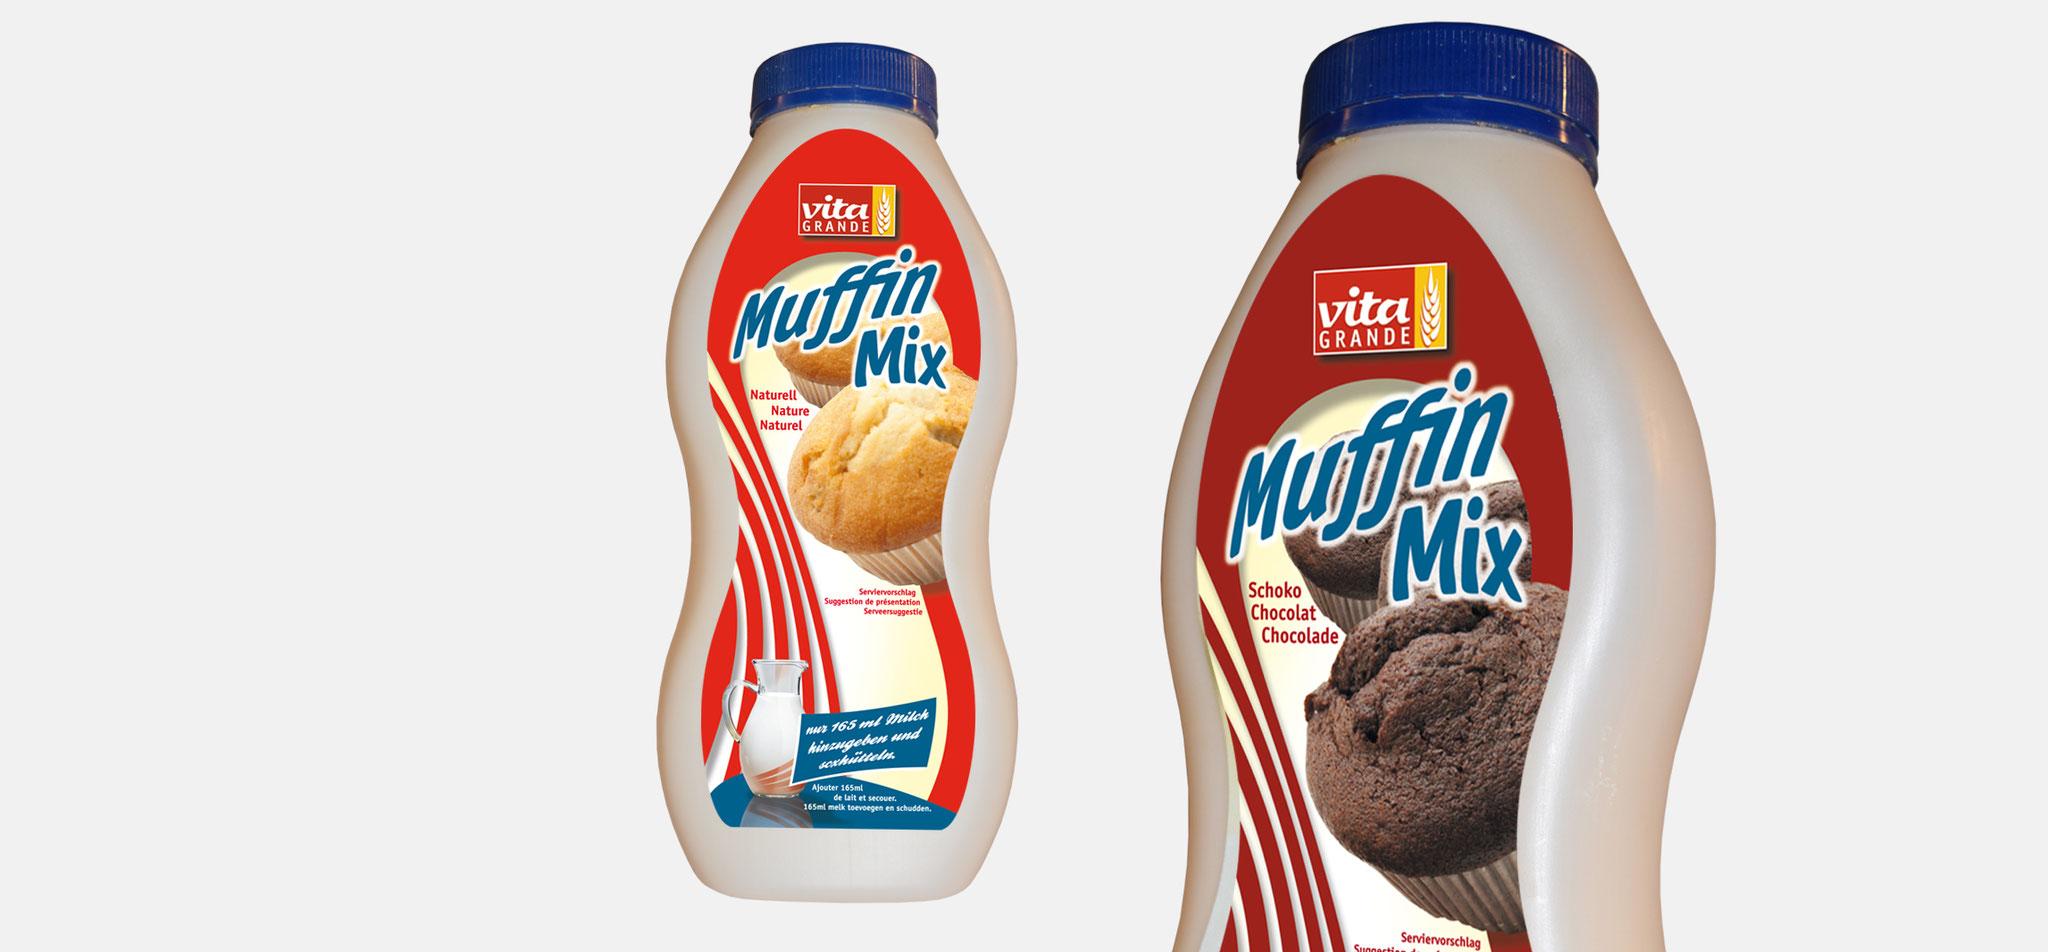 FLECHTORFER MÜHLE | produktlabel s&s muffin mix – infragrau, gute gestaltung